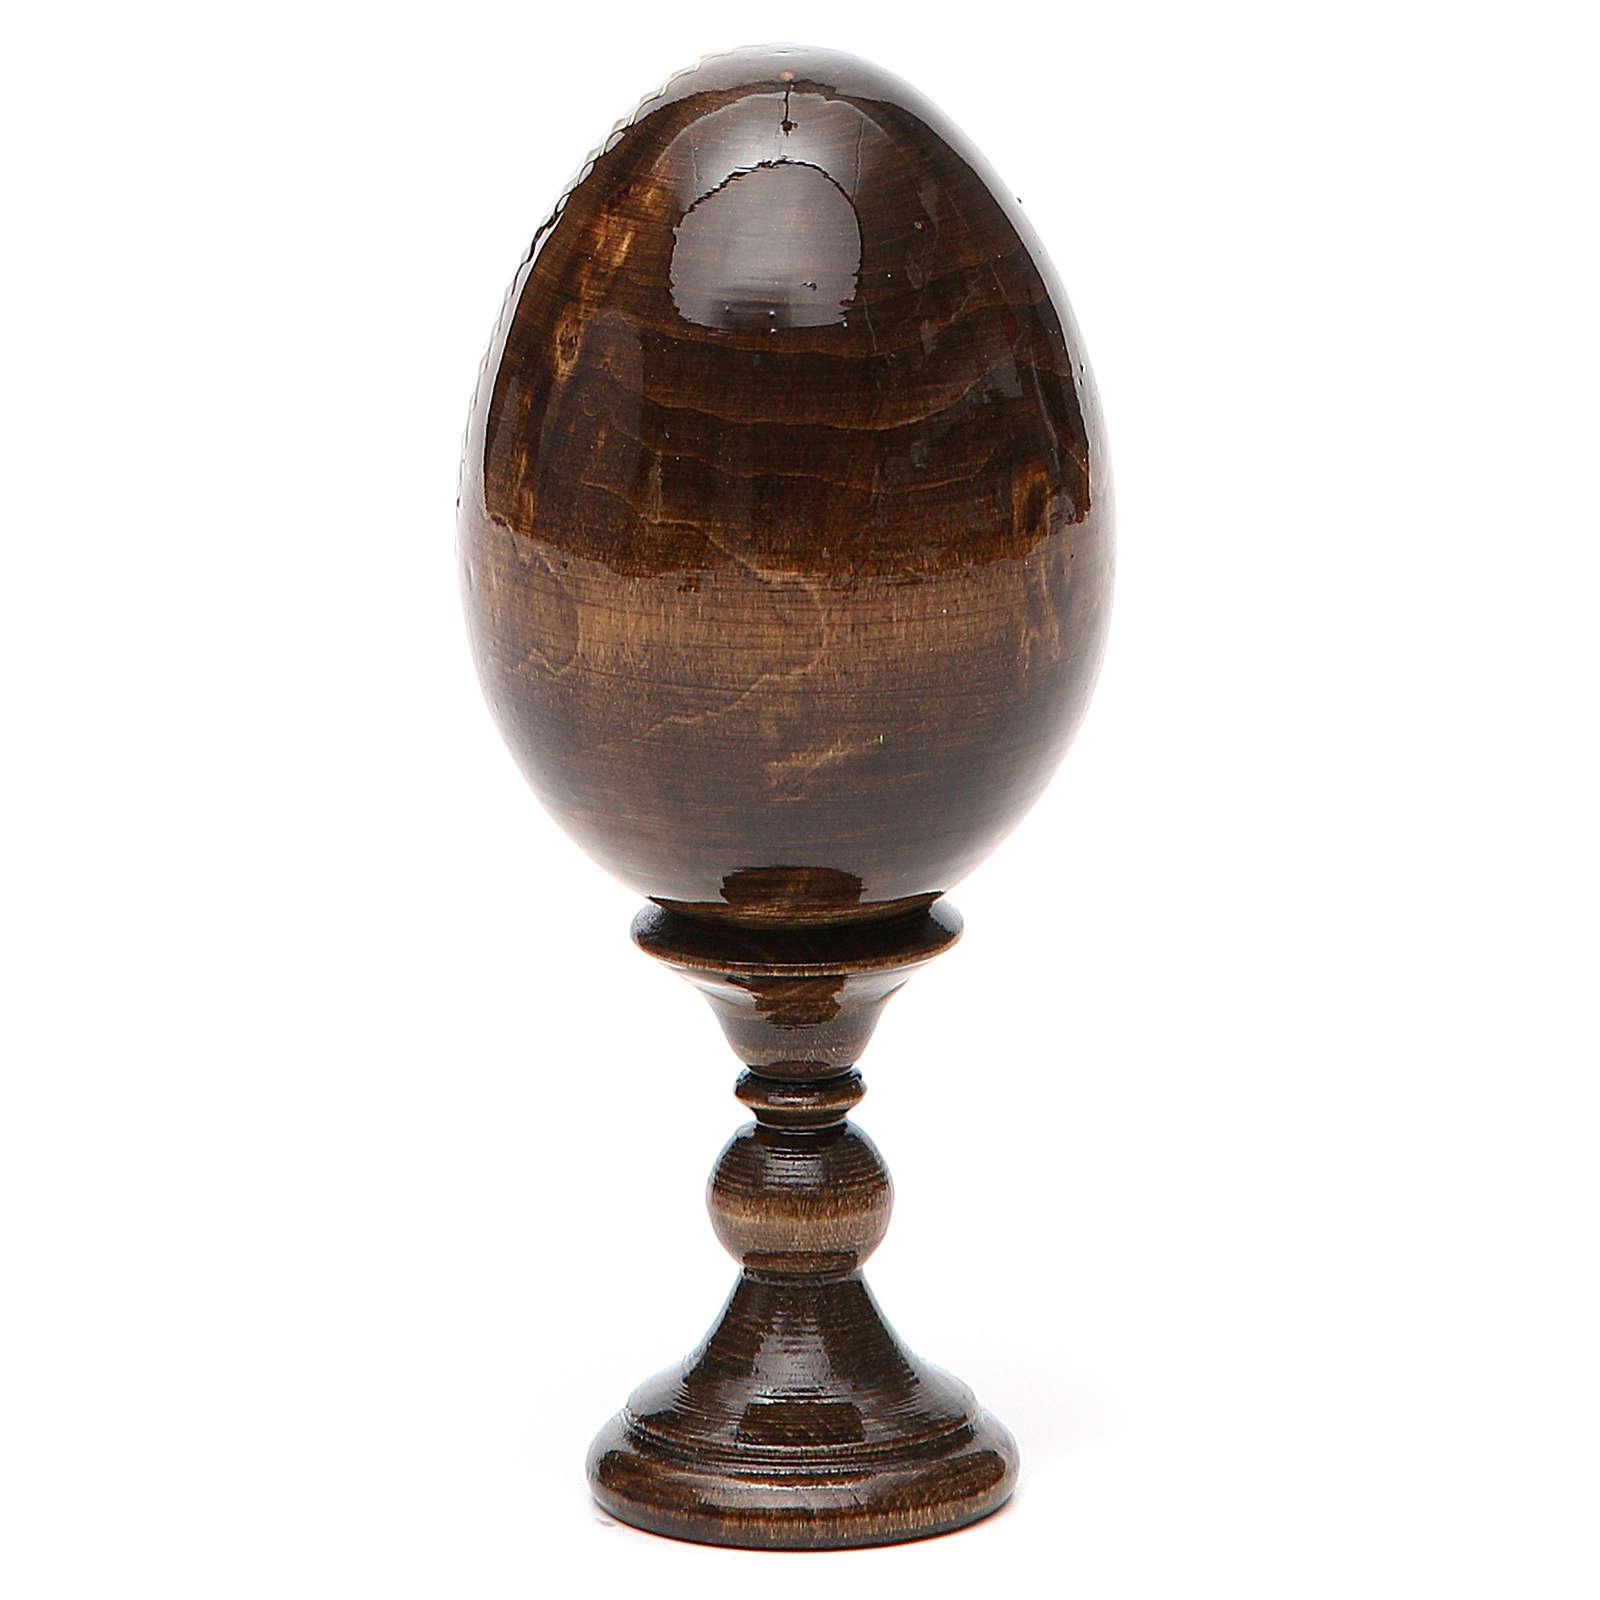 Russian Egg Our Lady of Lourdes découpage 13cm 4